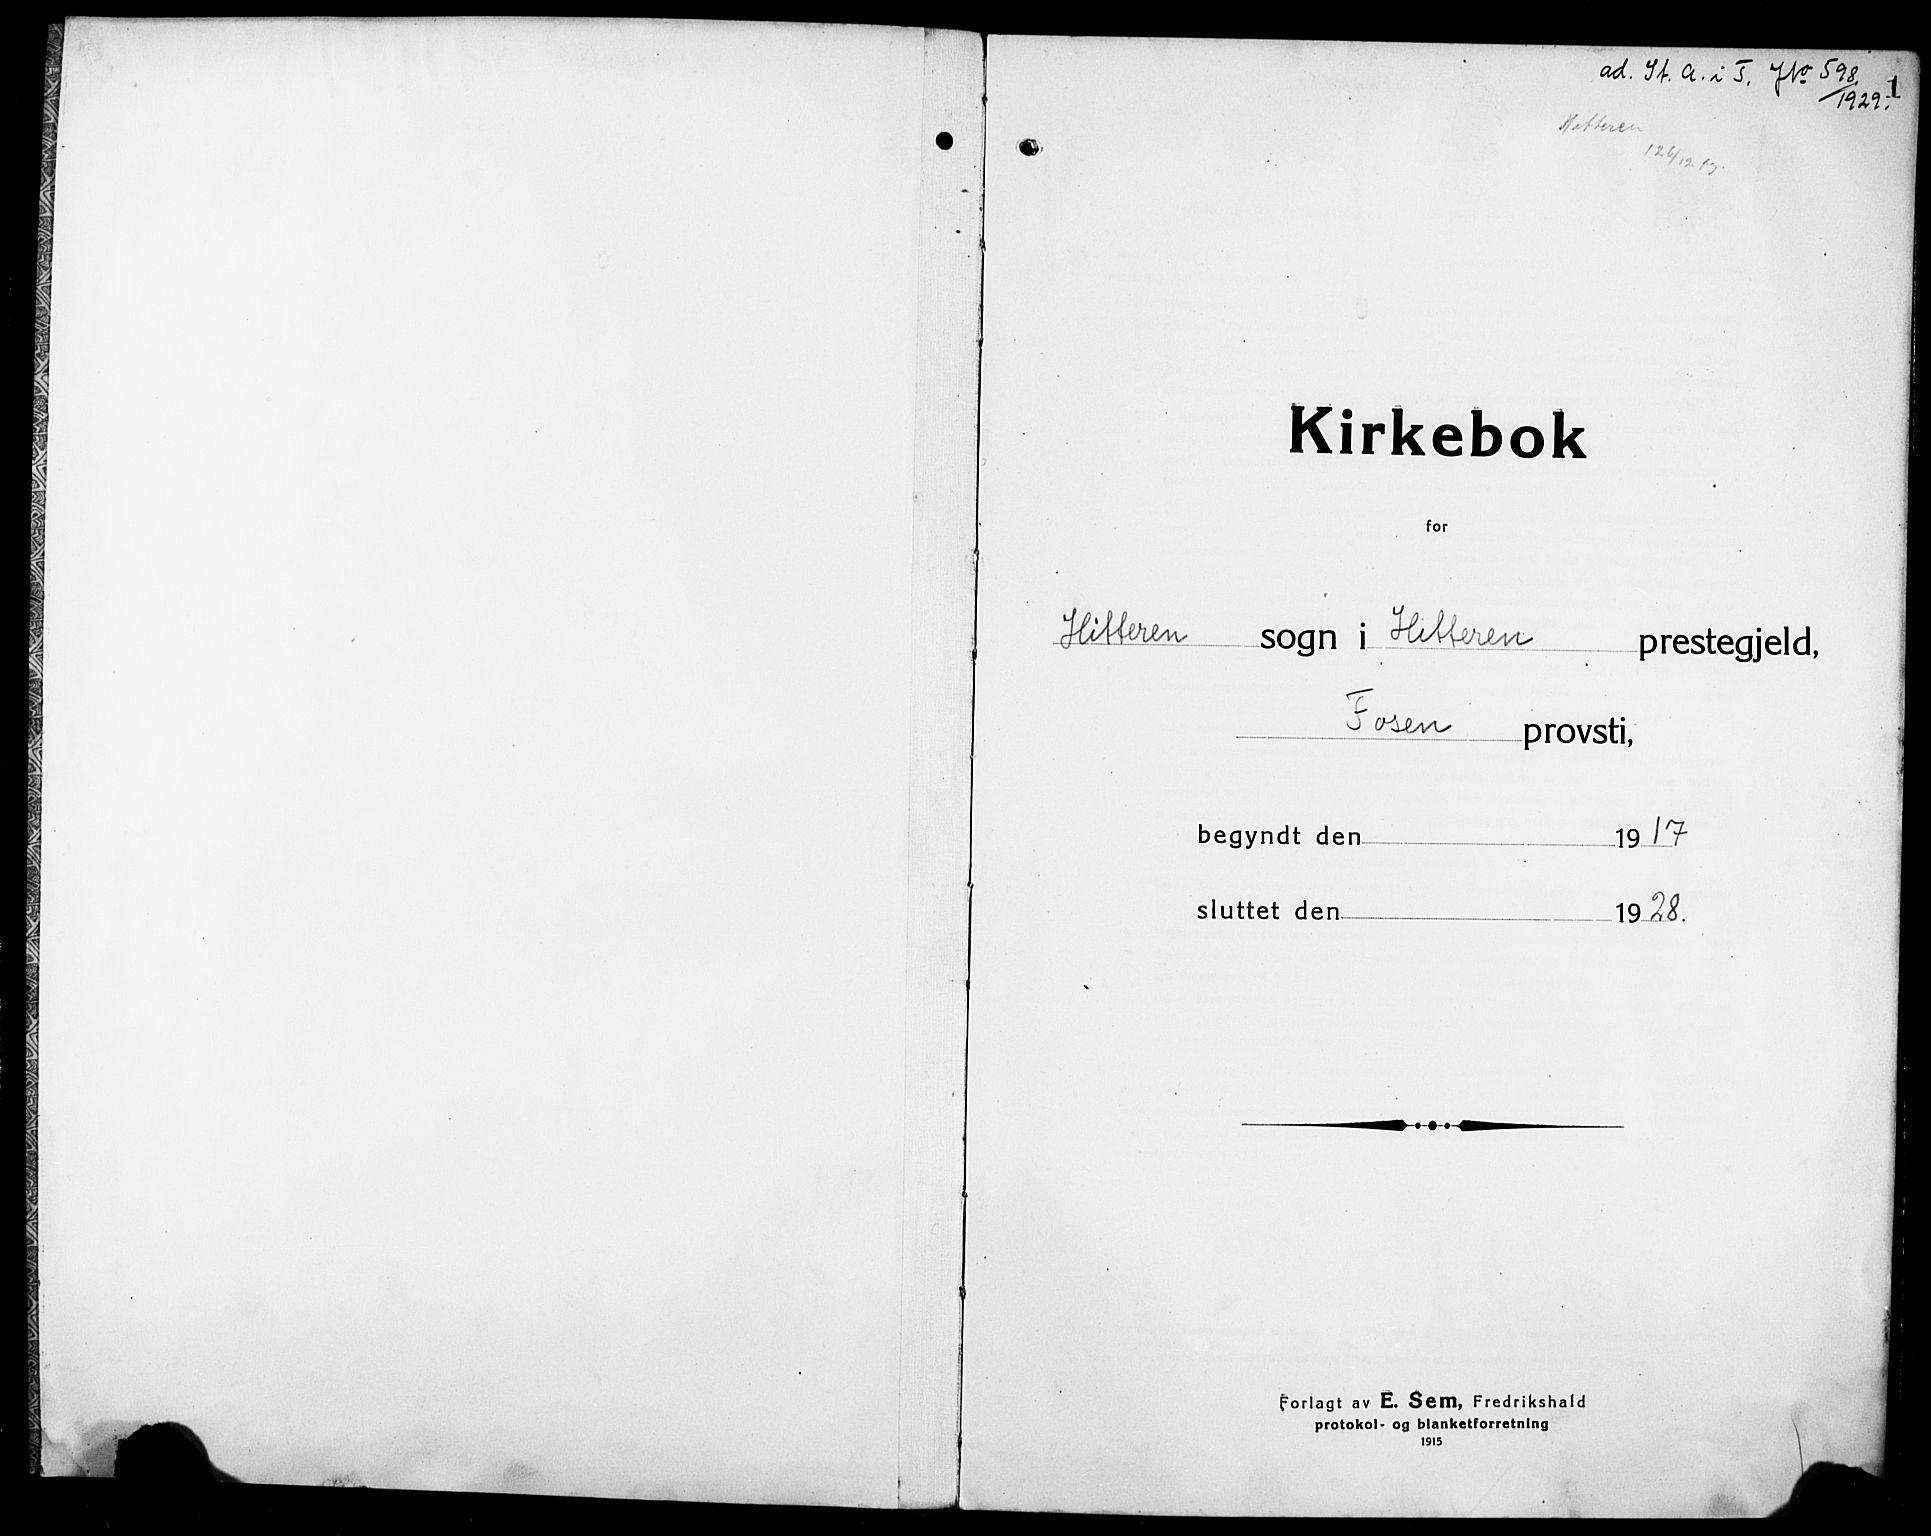 SAT, Ministerialprotokoller, klokkerbøker og fødselsregistre - Sør-Trøndelag, 634/L0543: Klokkerbok nr. 634C05, 1917-1928, s. 1